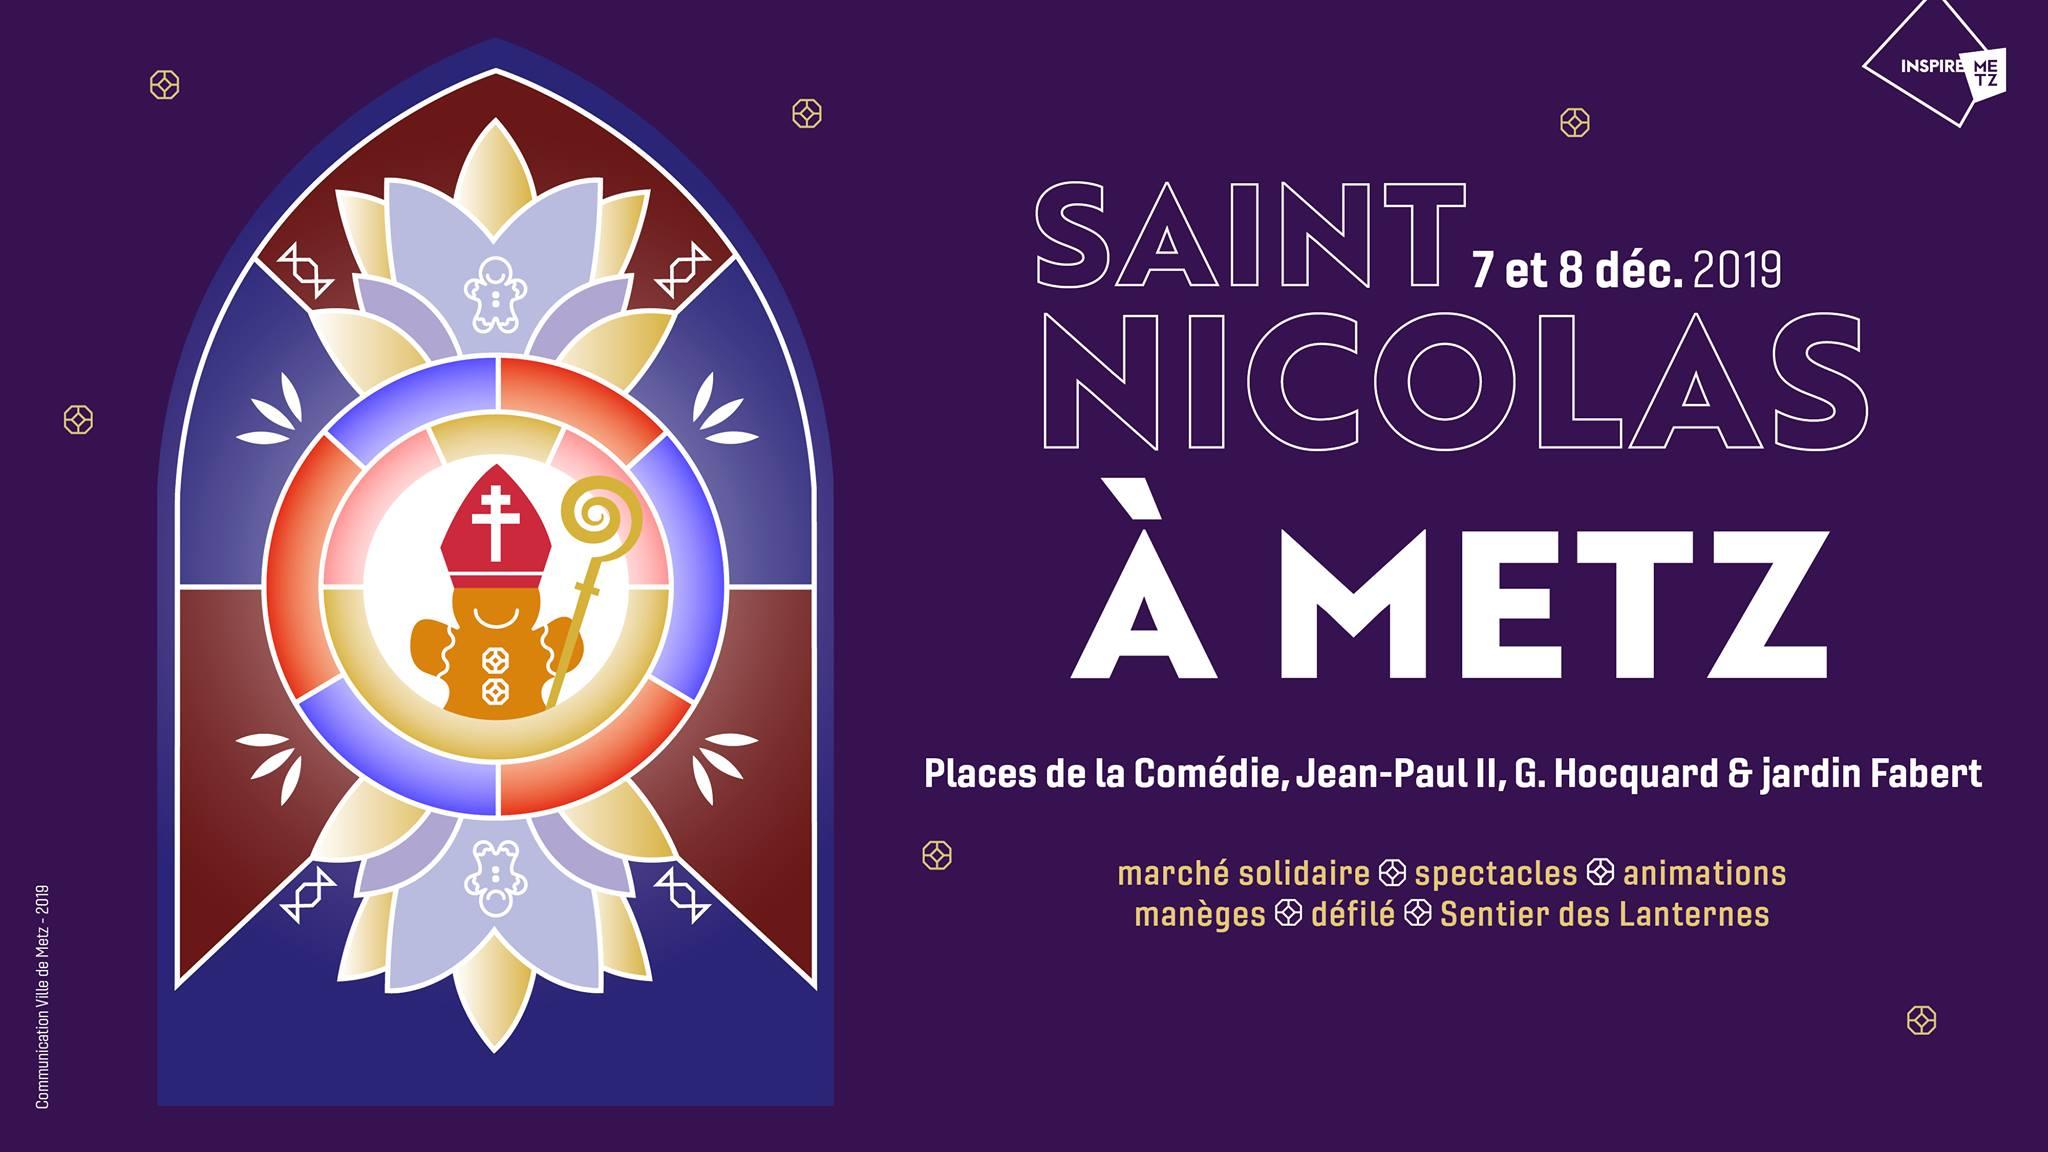 Retrouvez nous au marché solidaire et artistique de la Saint-Nicolas – 7 et 8 décembre à Metz 🎉 !